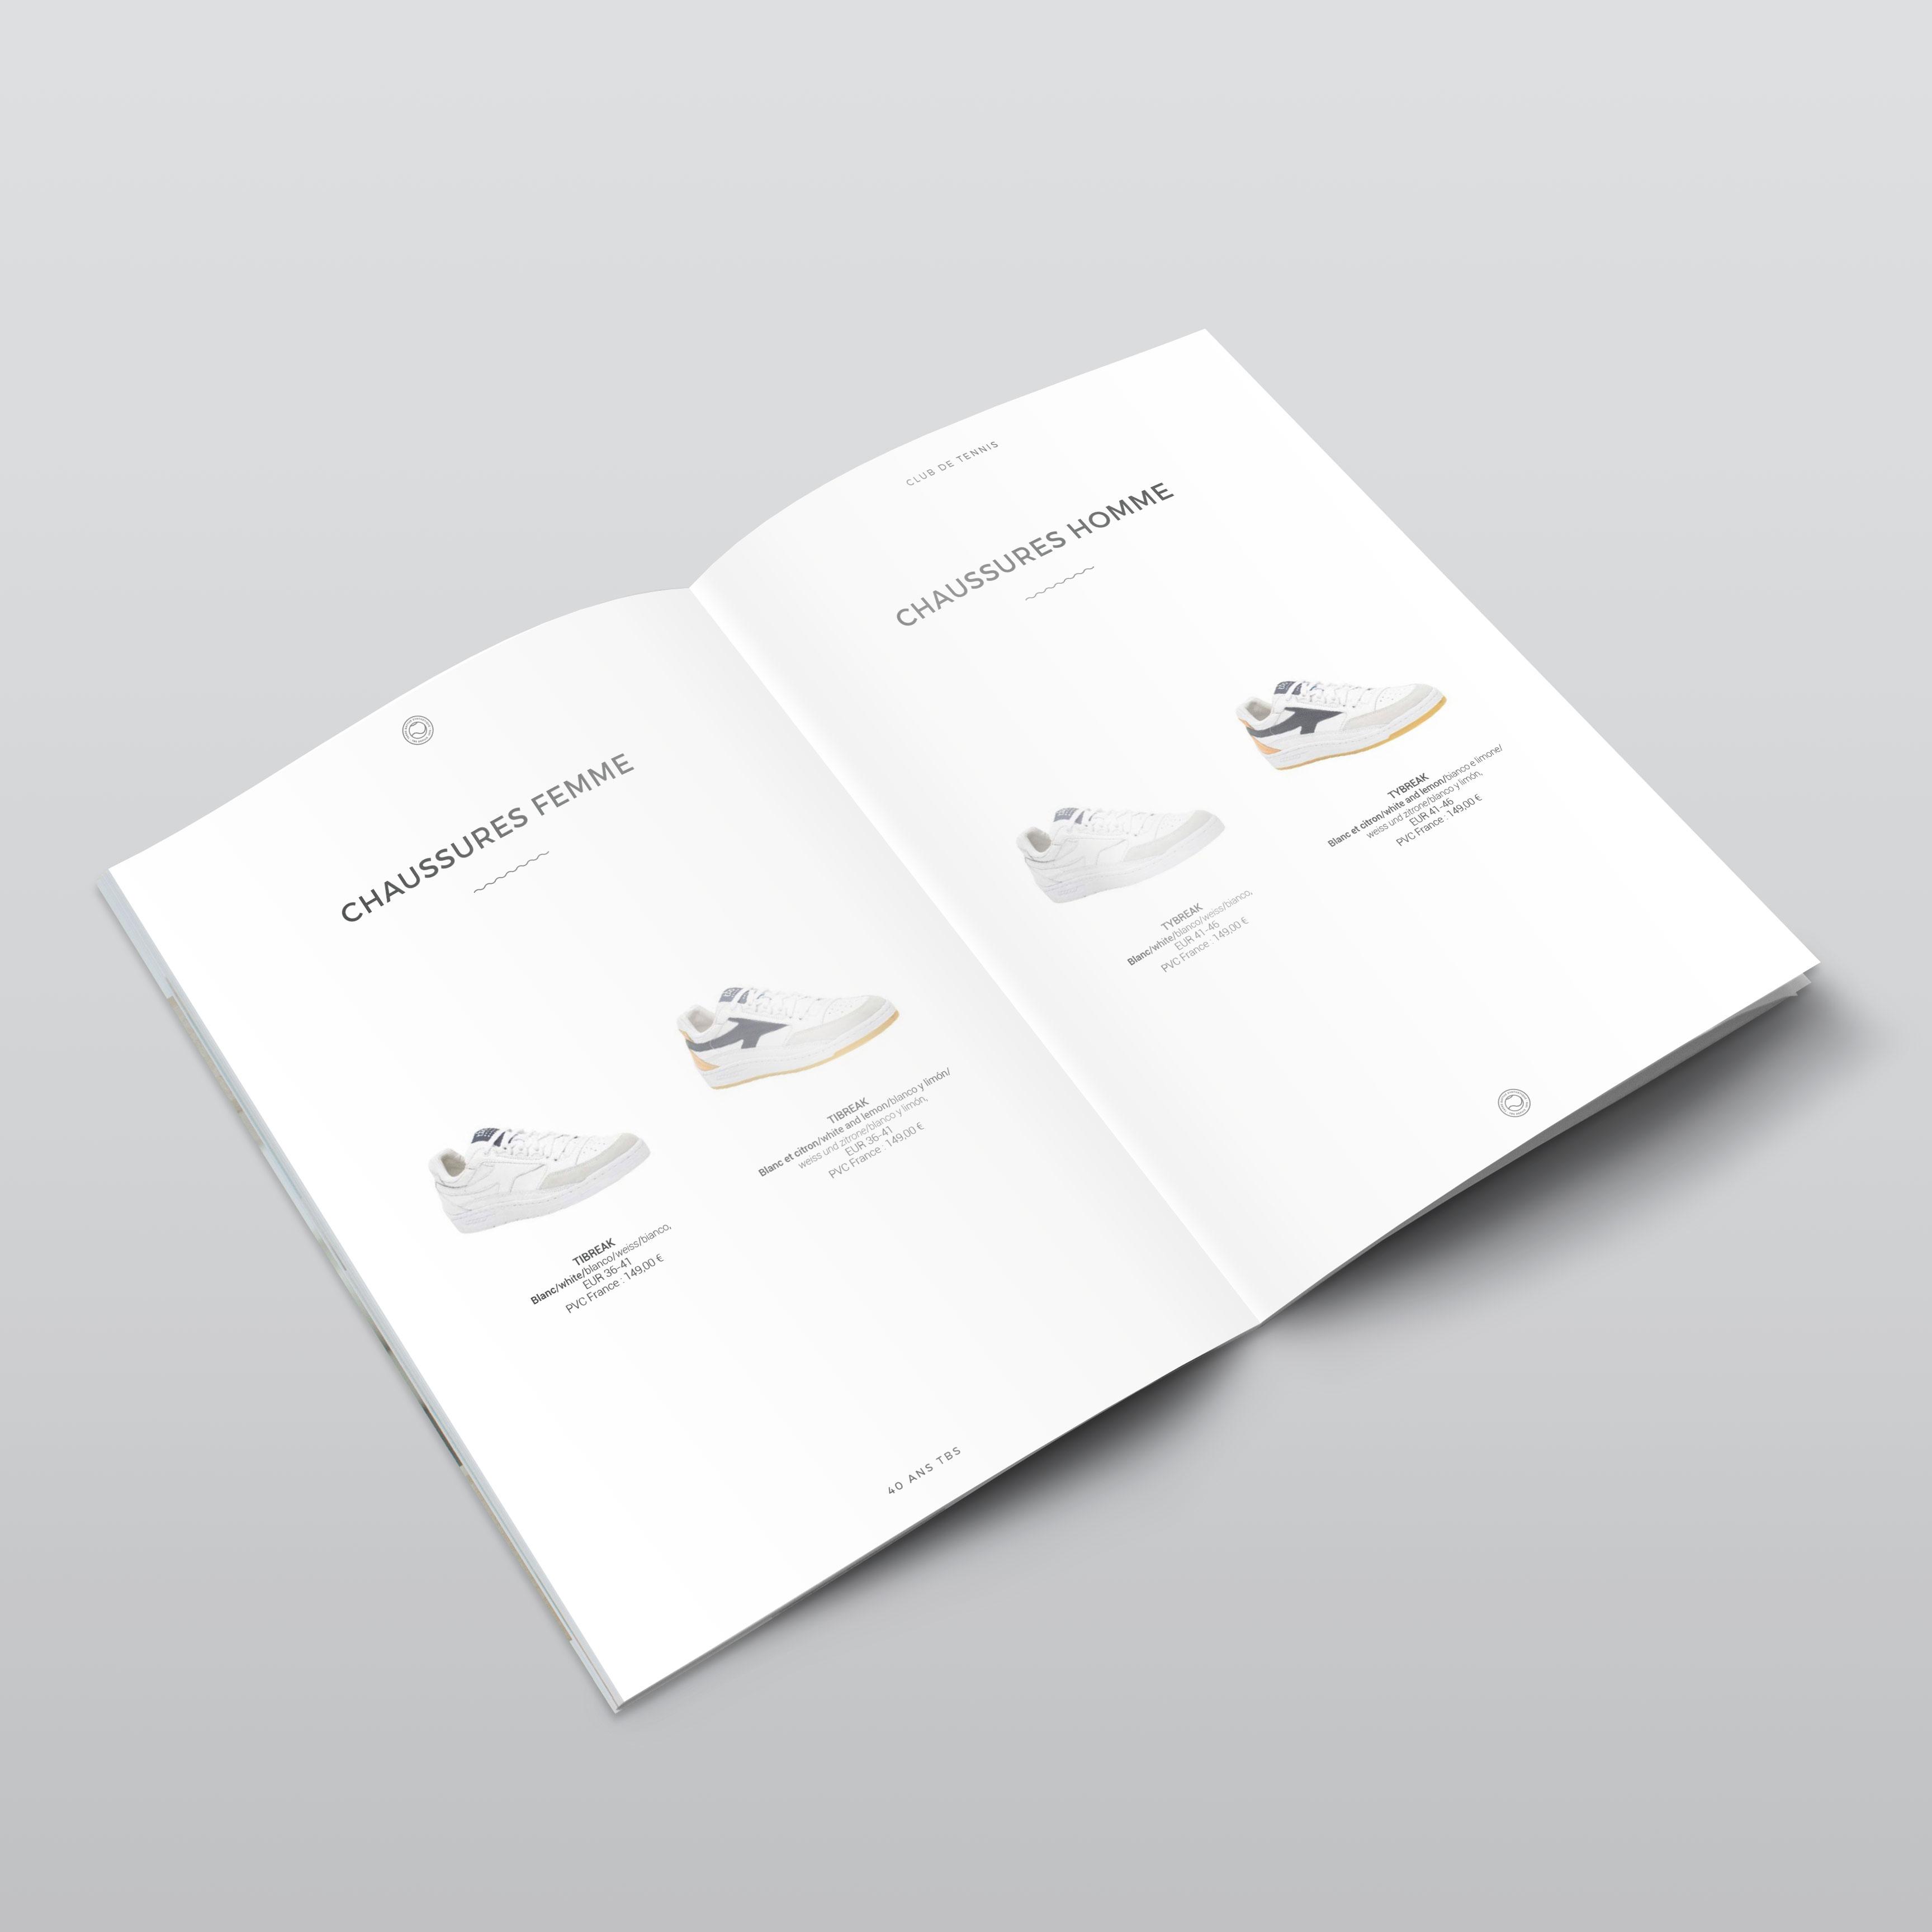 isometric-magazine-mockup2